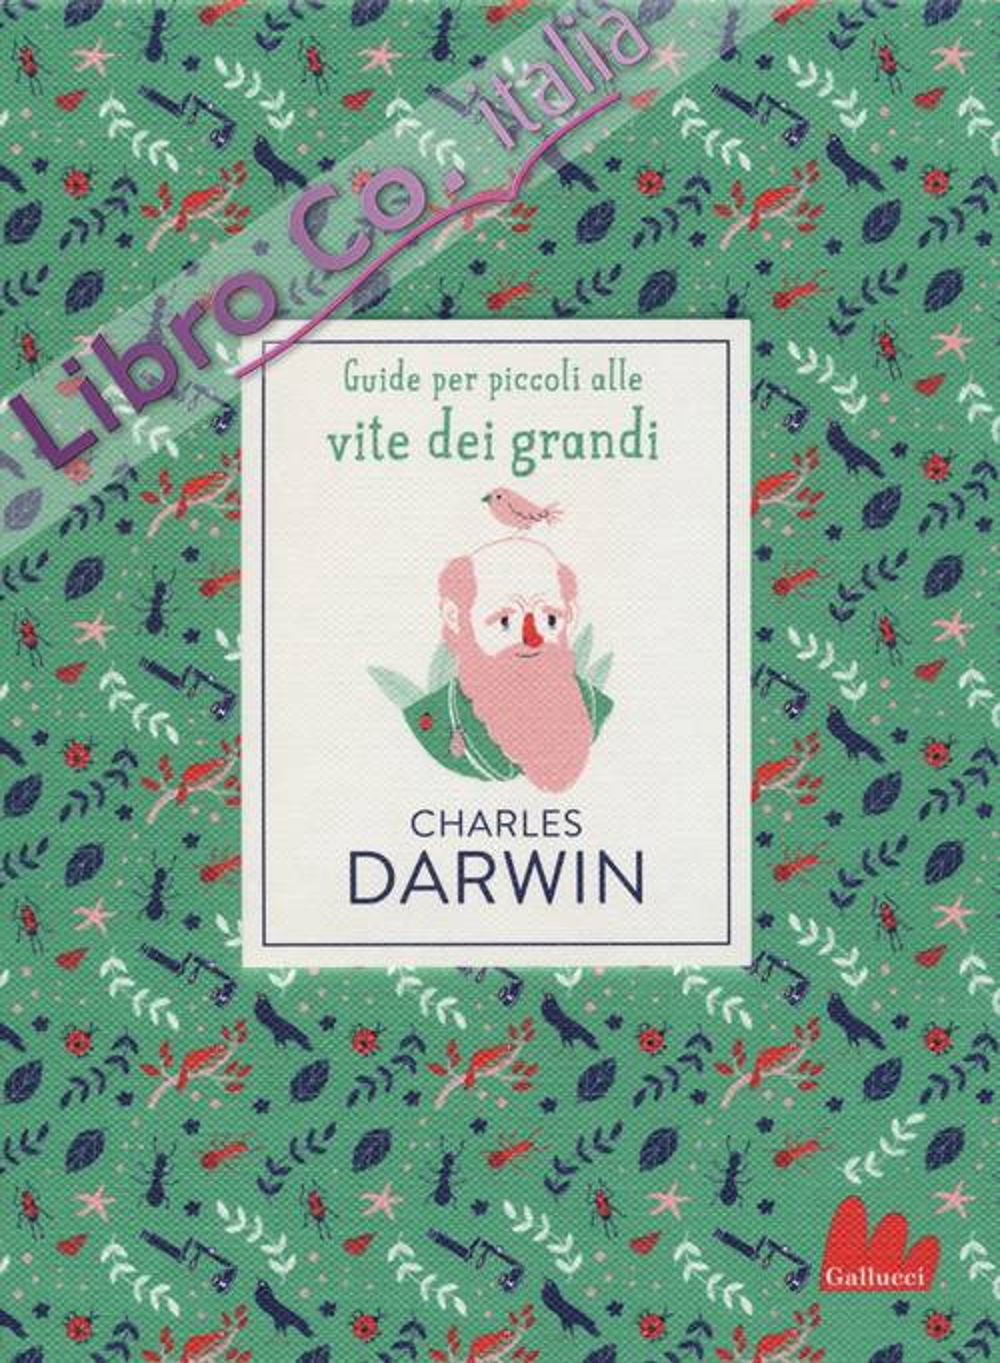 Charles Darwin. Guide per piccoli alle vite dei grandi